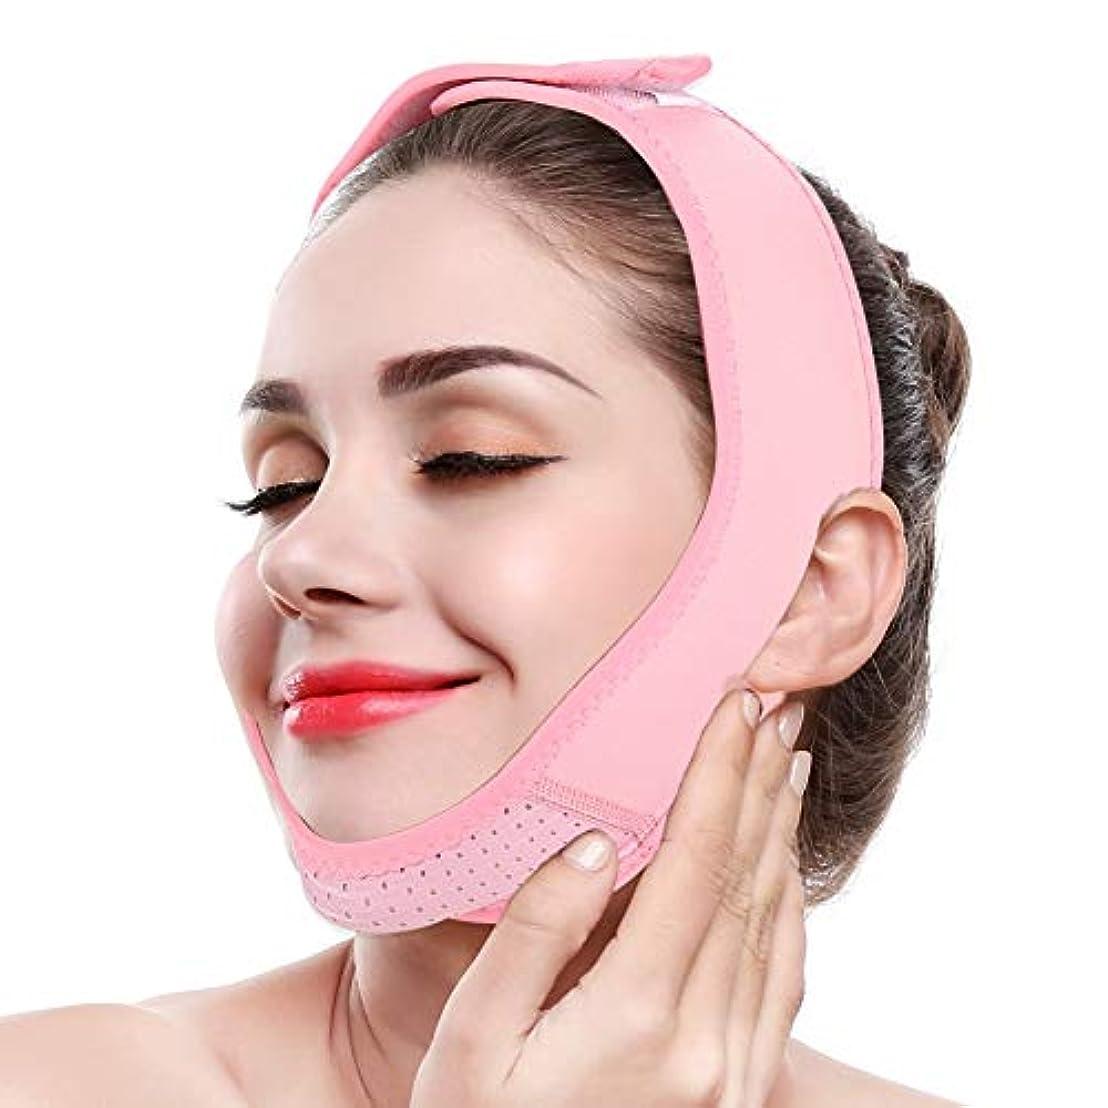 駐地ノーブル賢明なJORZILANOスリミングマスク、包帯フェイスダブルチンケア減量フェイスベルト